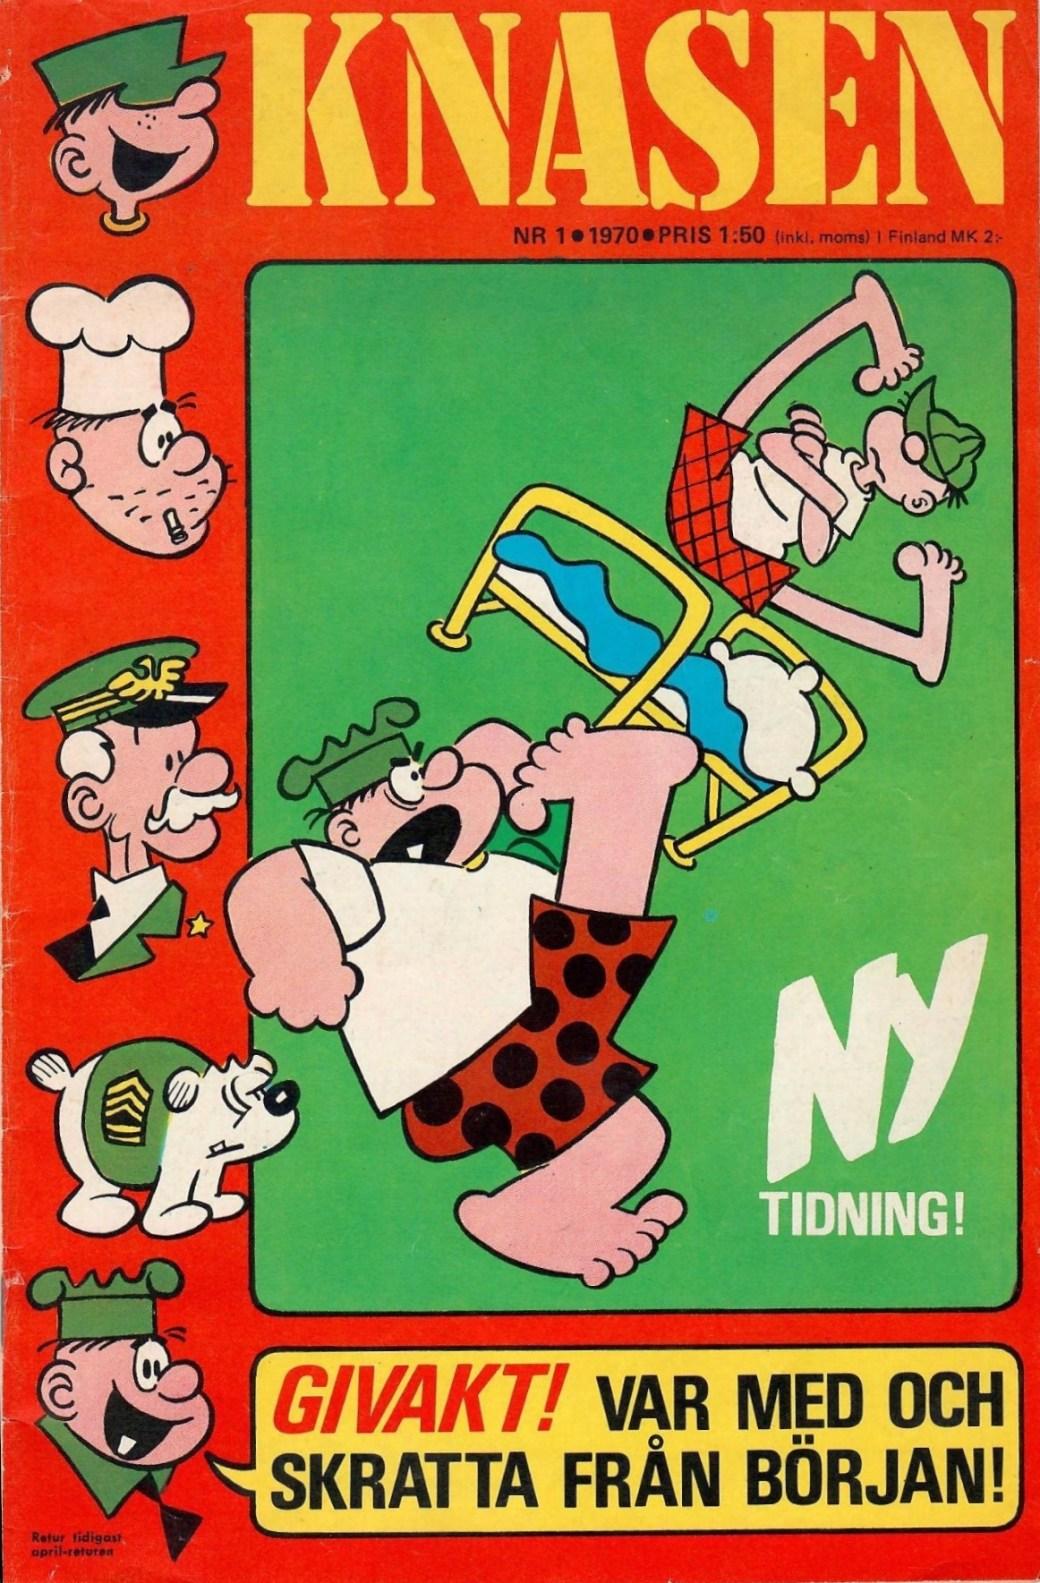 Premiärnumret 1970